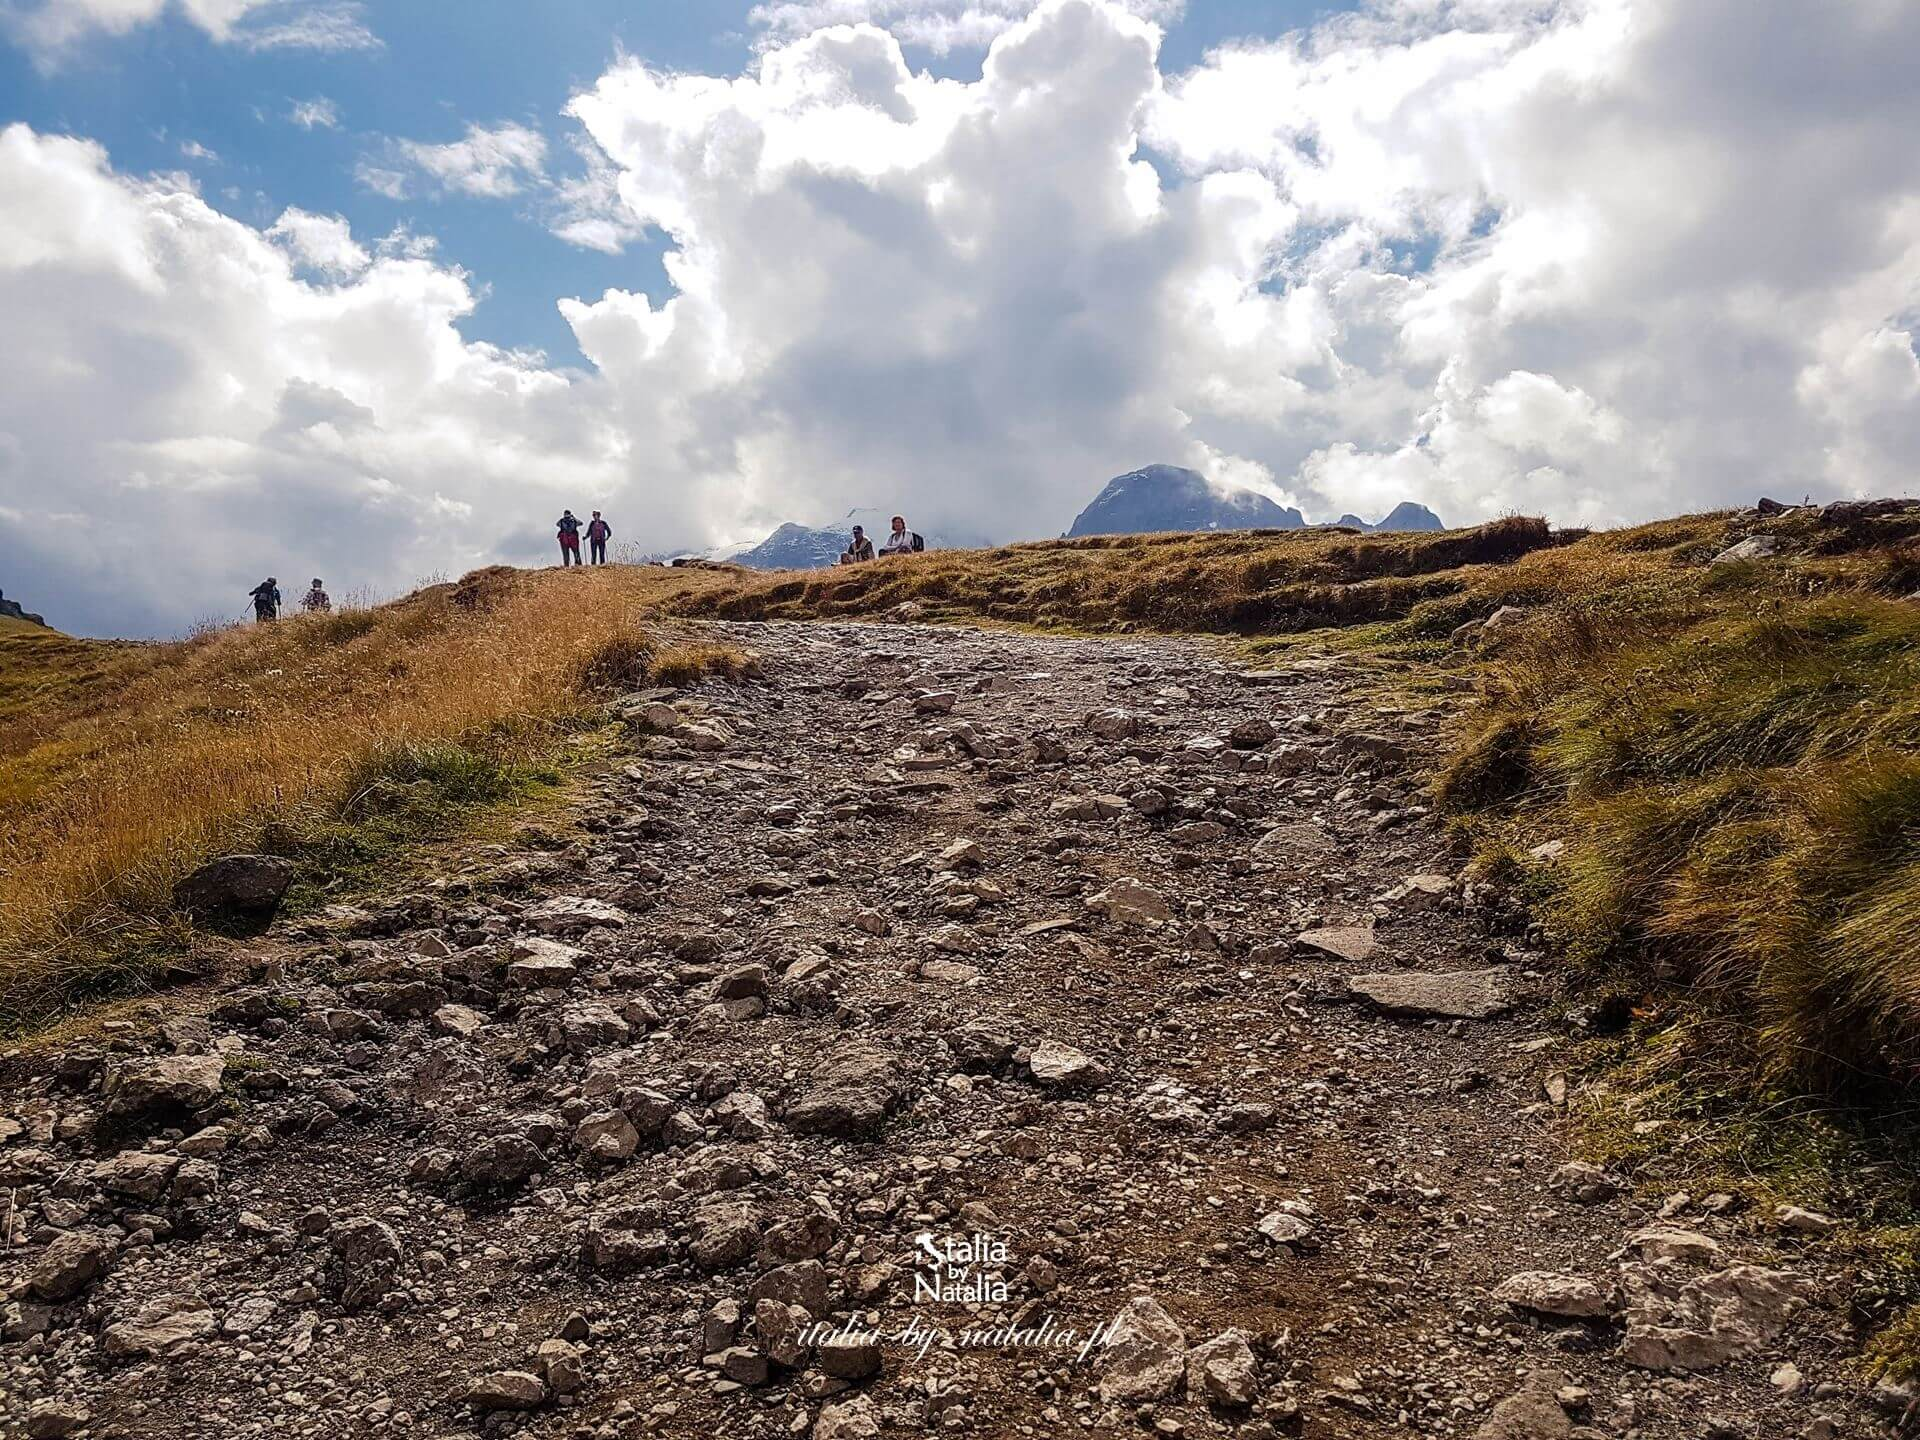 Passo Fedaia trekking w Val di Fassa z widokiem na lodowiec Marmolada Dolomity latem we wrześniu